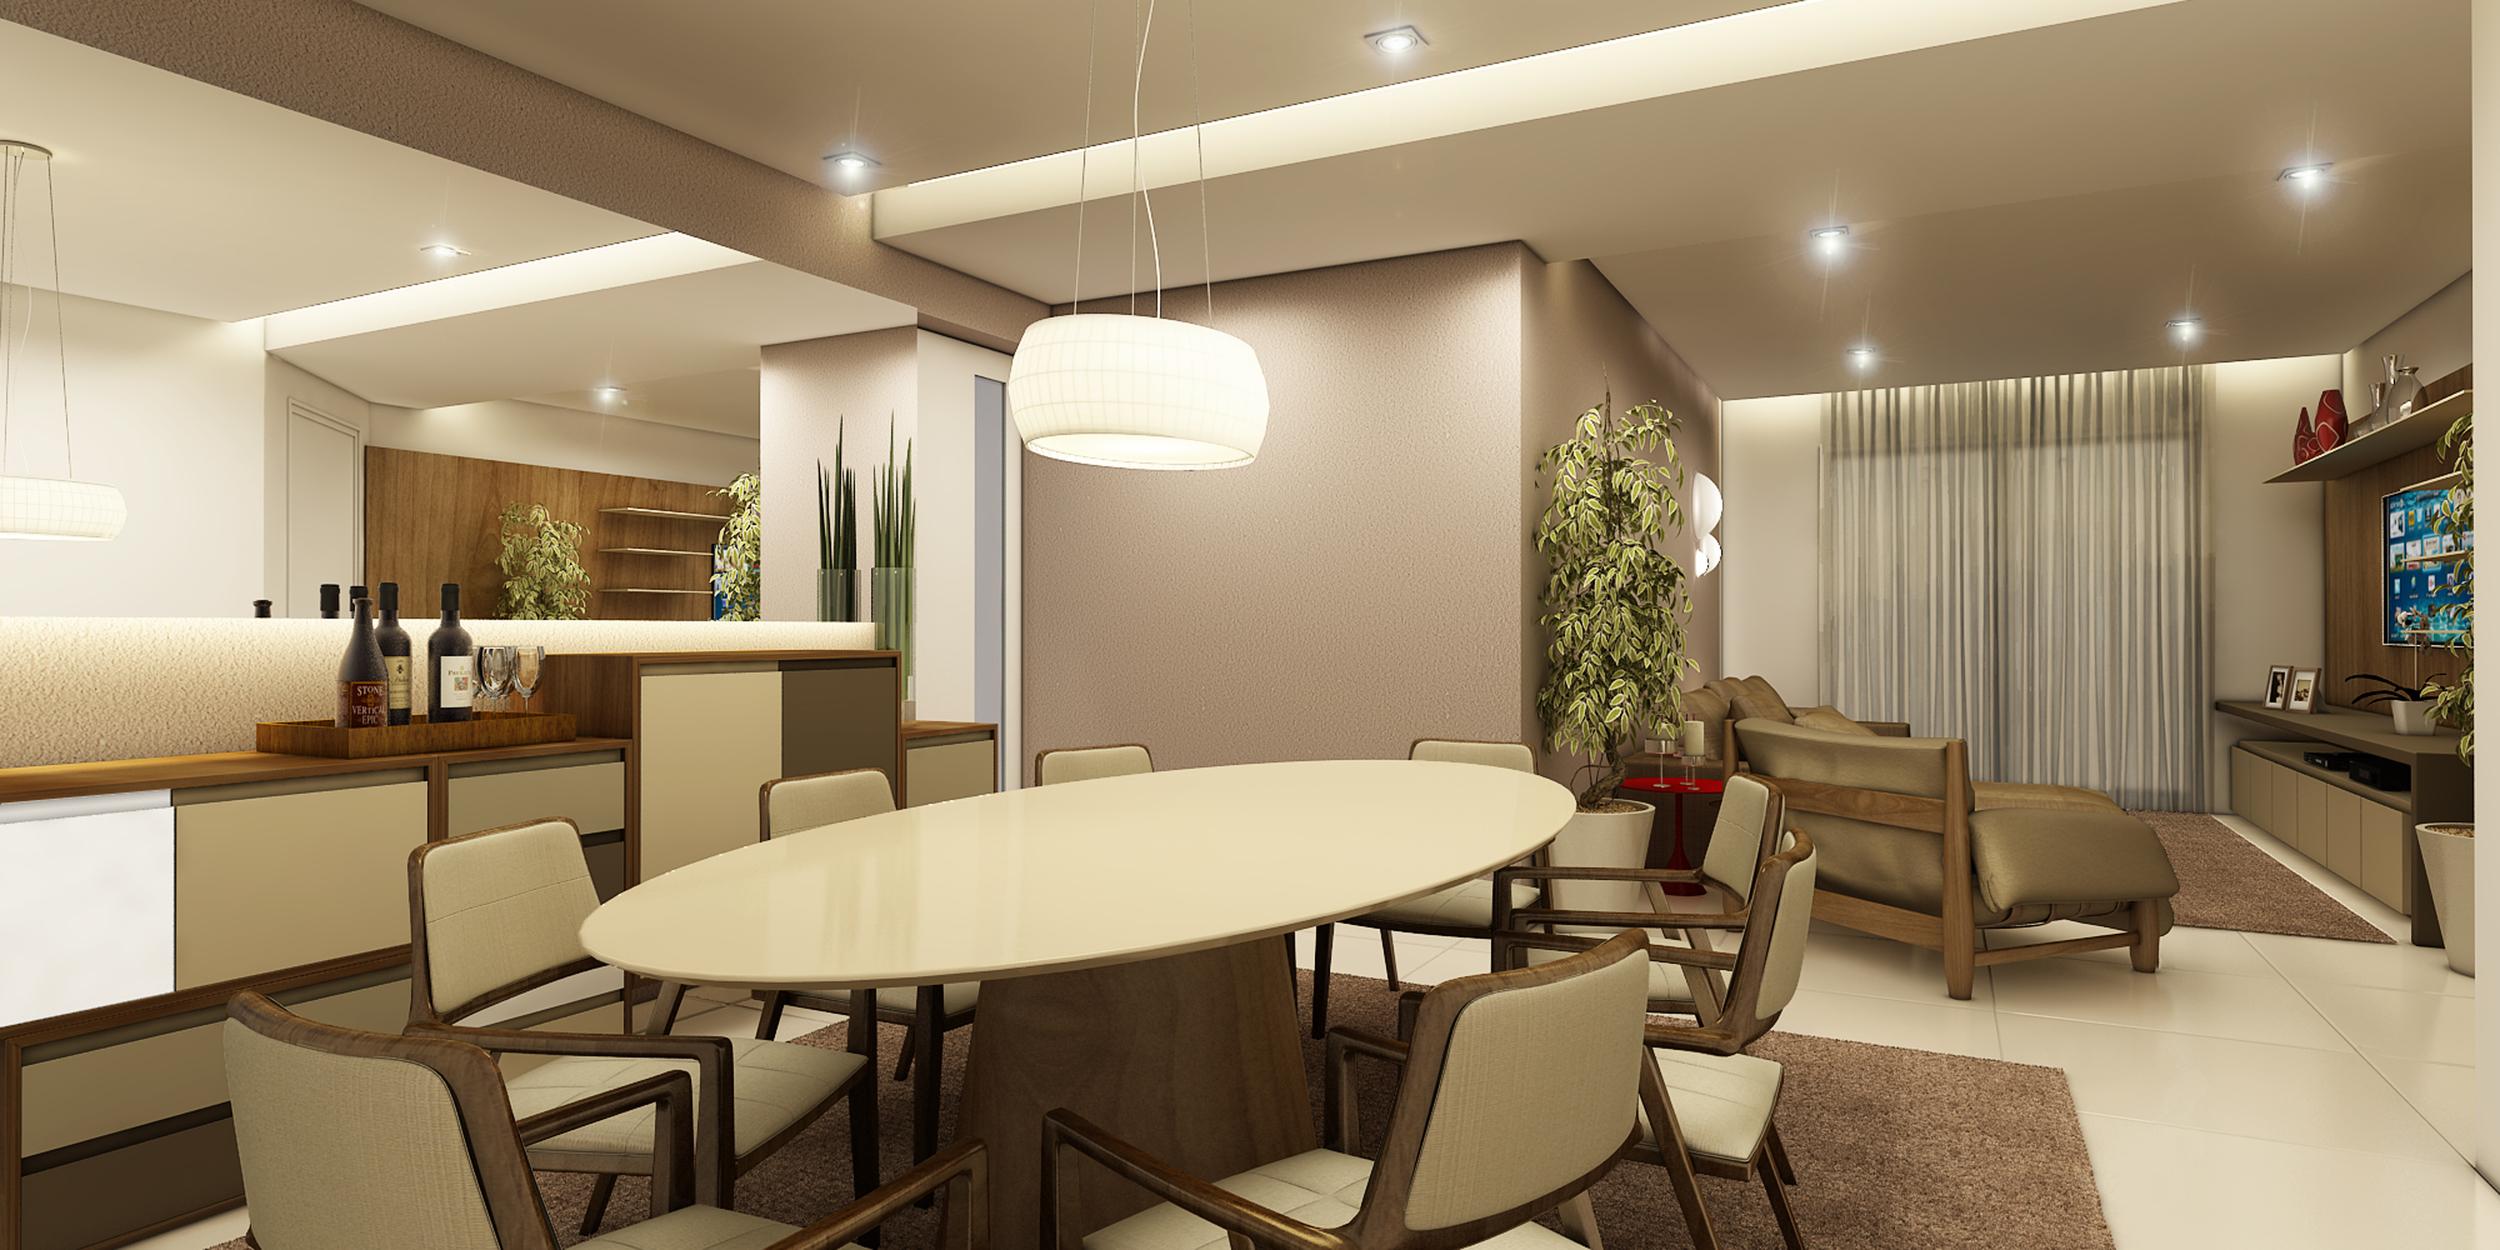 Sala de Jantar e Estar  Apartamento Villaggio Maggiore - São Bernardo do Campo / SP - 120 m2  Projeto: Madi Arquitetura & Design  Imagem: Érica Alfieri